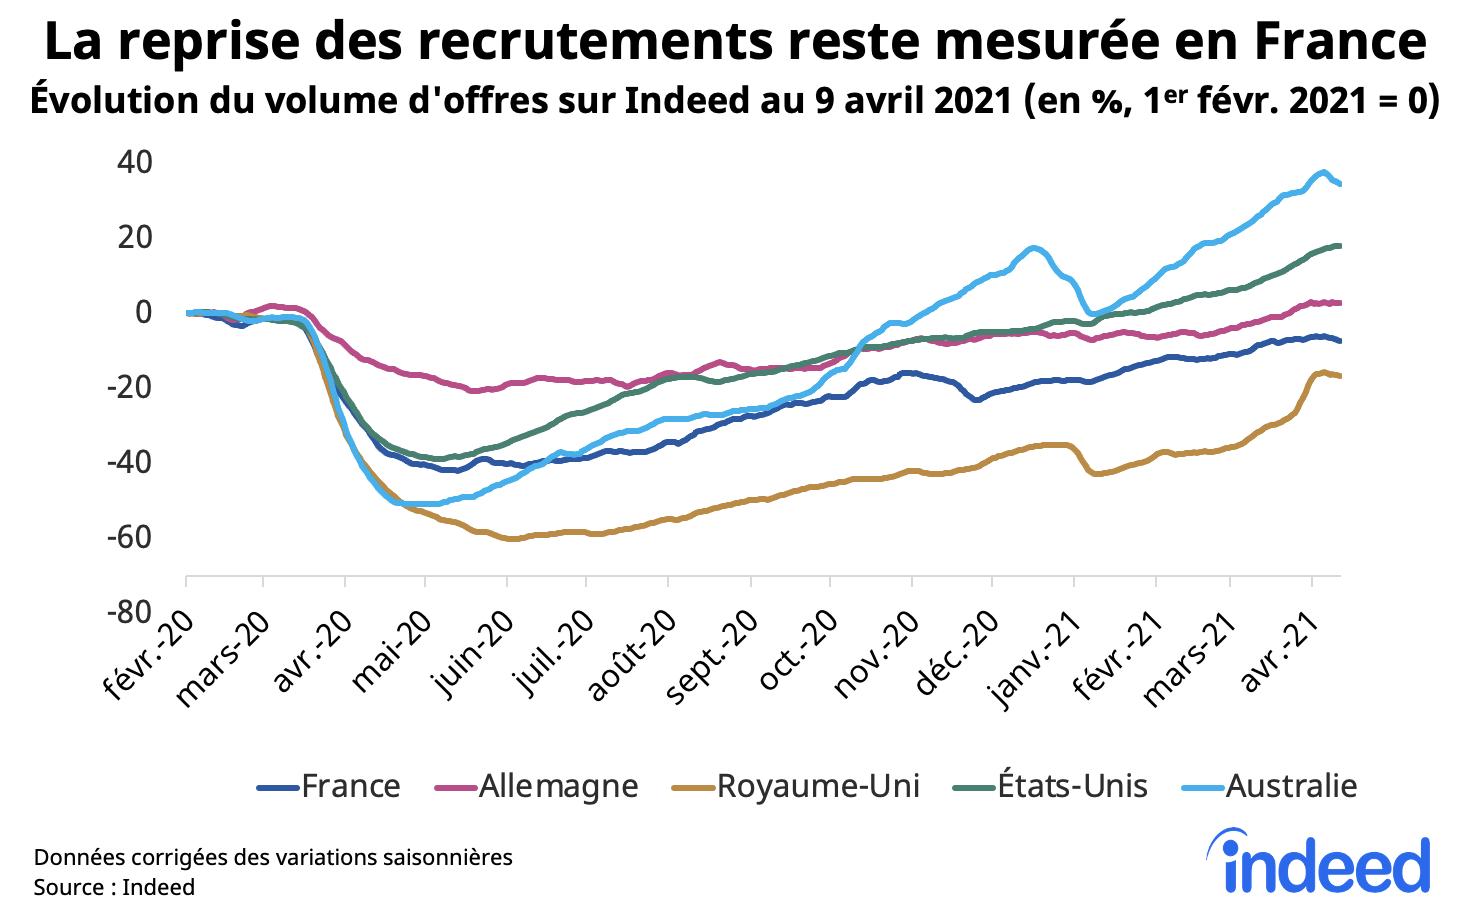 Le reprise des recrutements reste mesuree en France